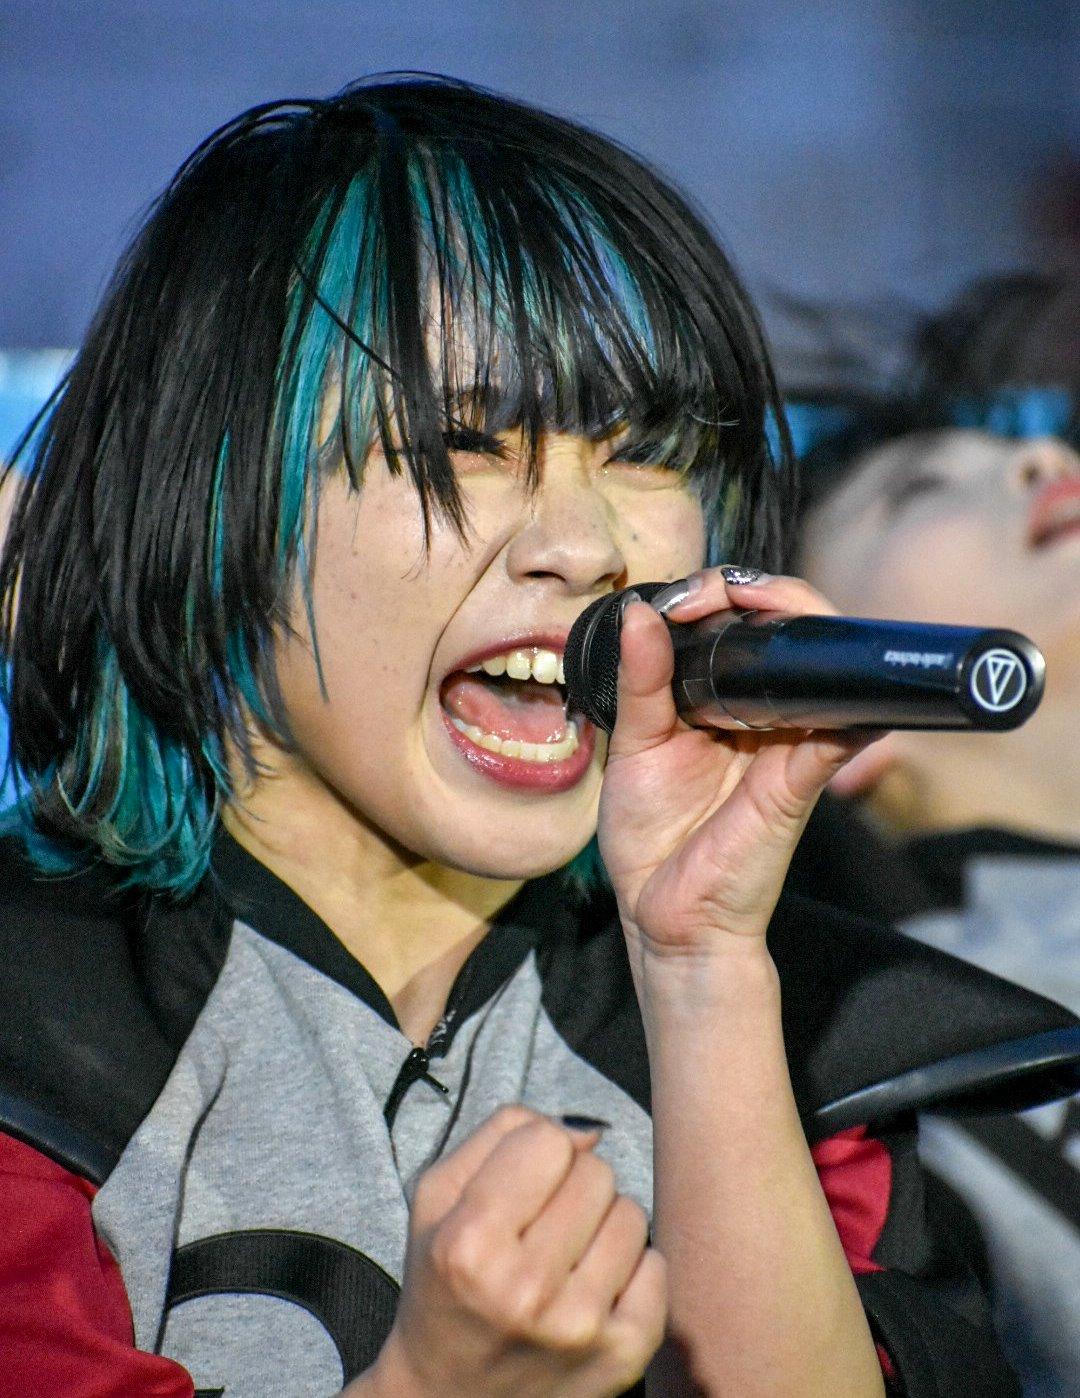 ヤママチミキの唾糸舌見せ (4)